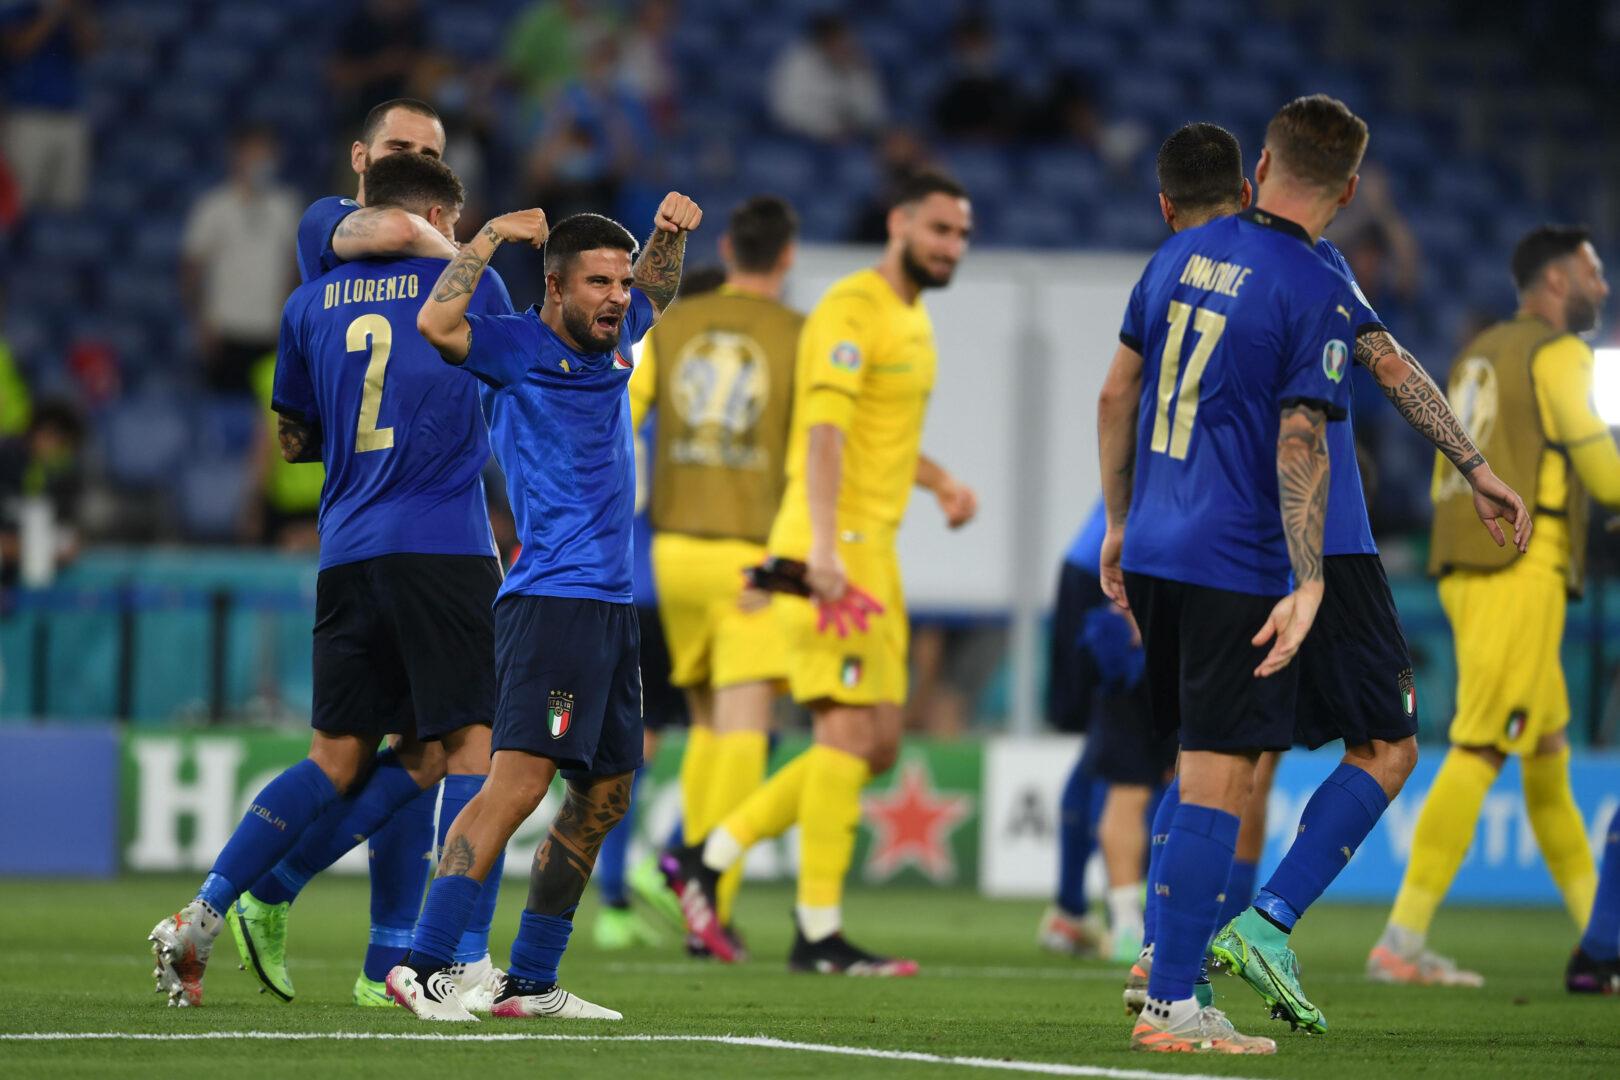 EM 2021 |Italien will mit Österreich die nächste Hürde nehmen